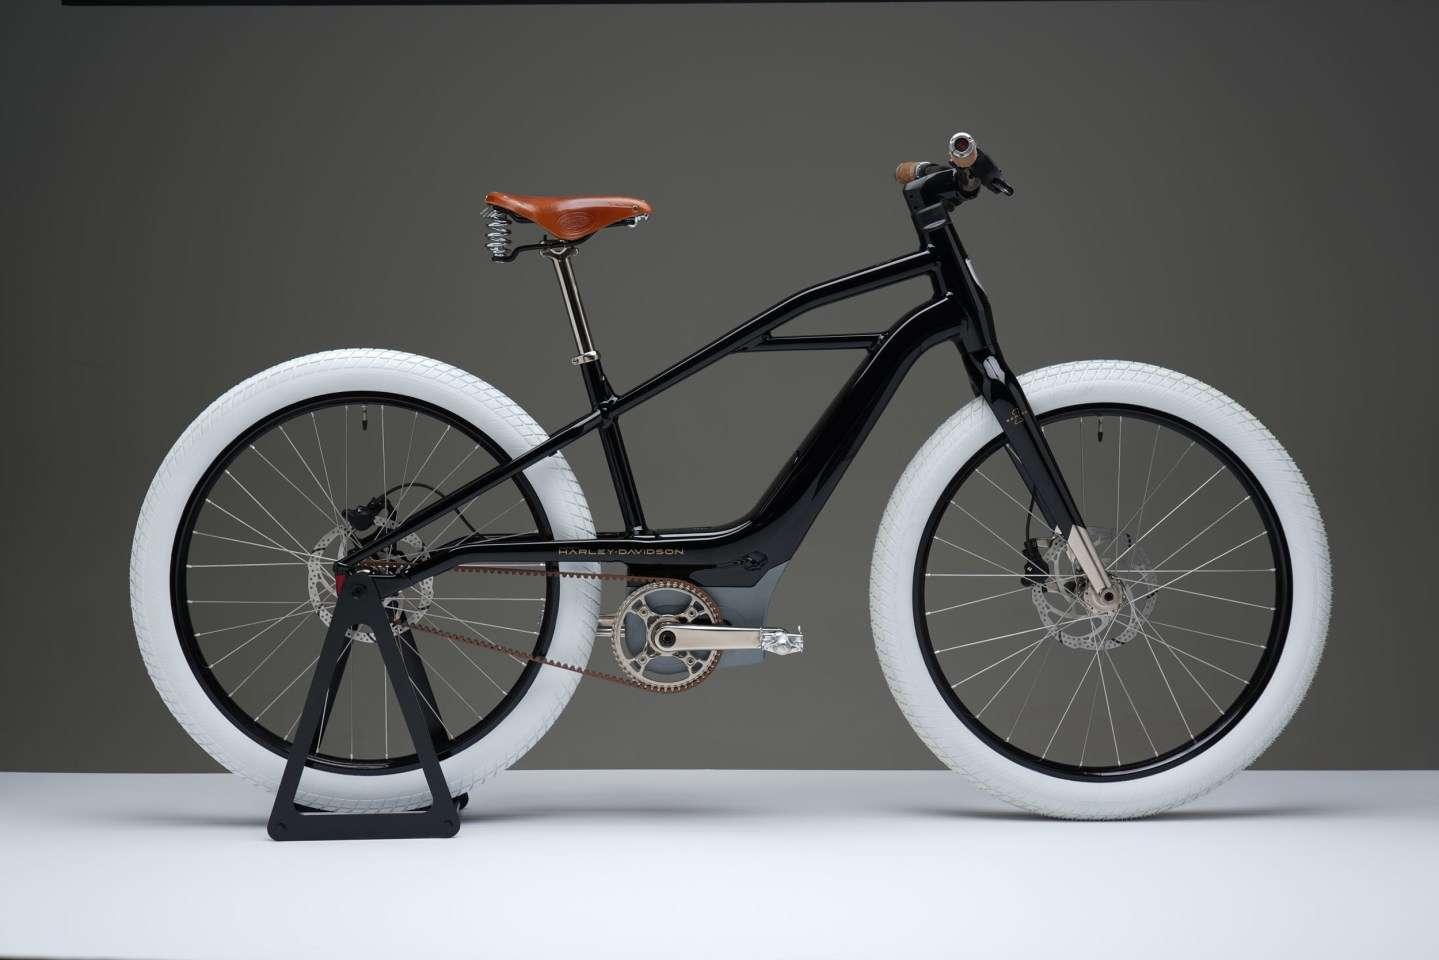 Le prototype du premier vélo électrique Harley Davidson. © Serial 1 Cycle